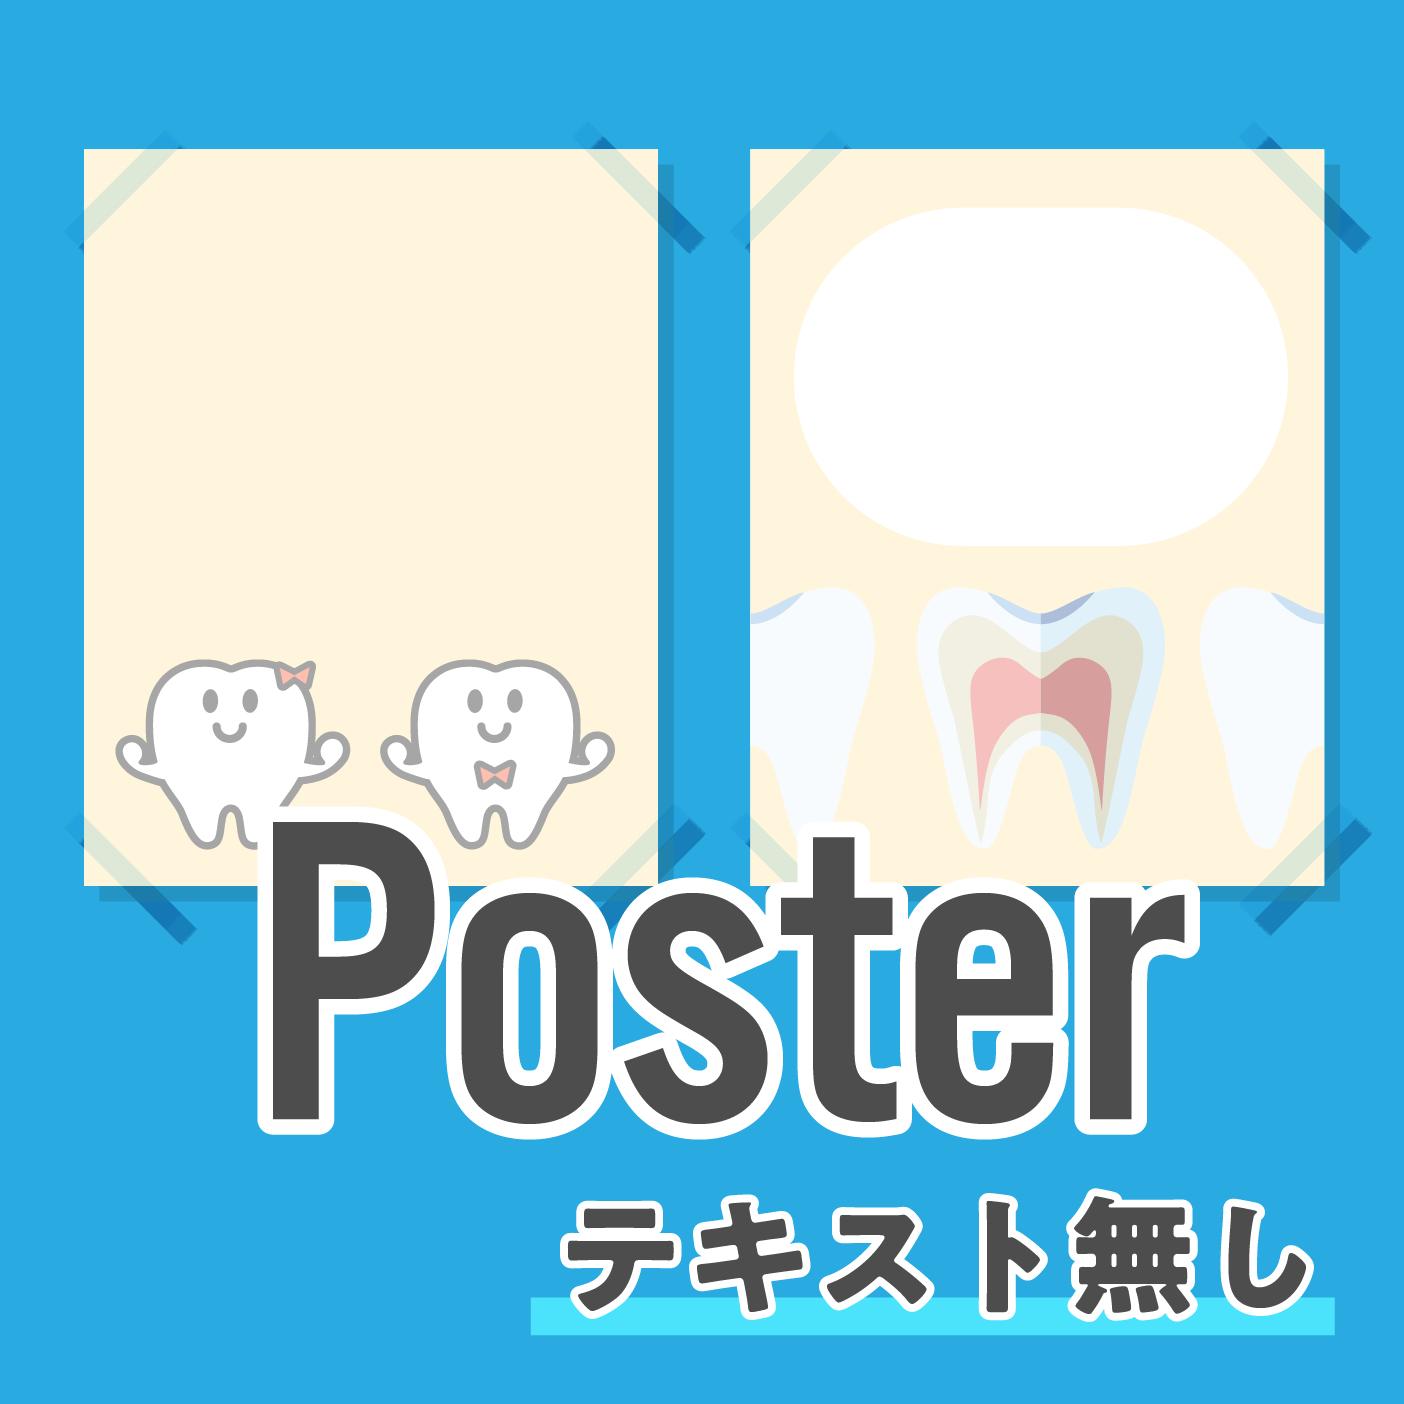 ポスター(テキスト無し)